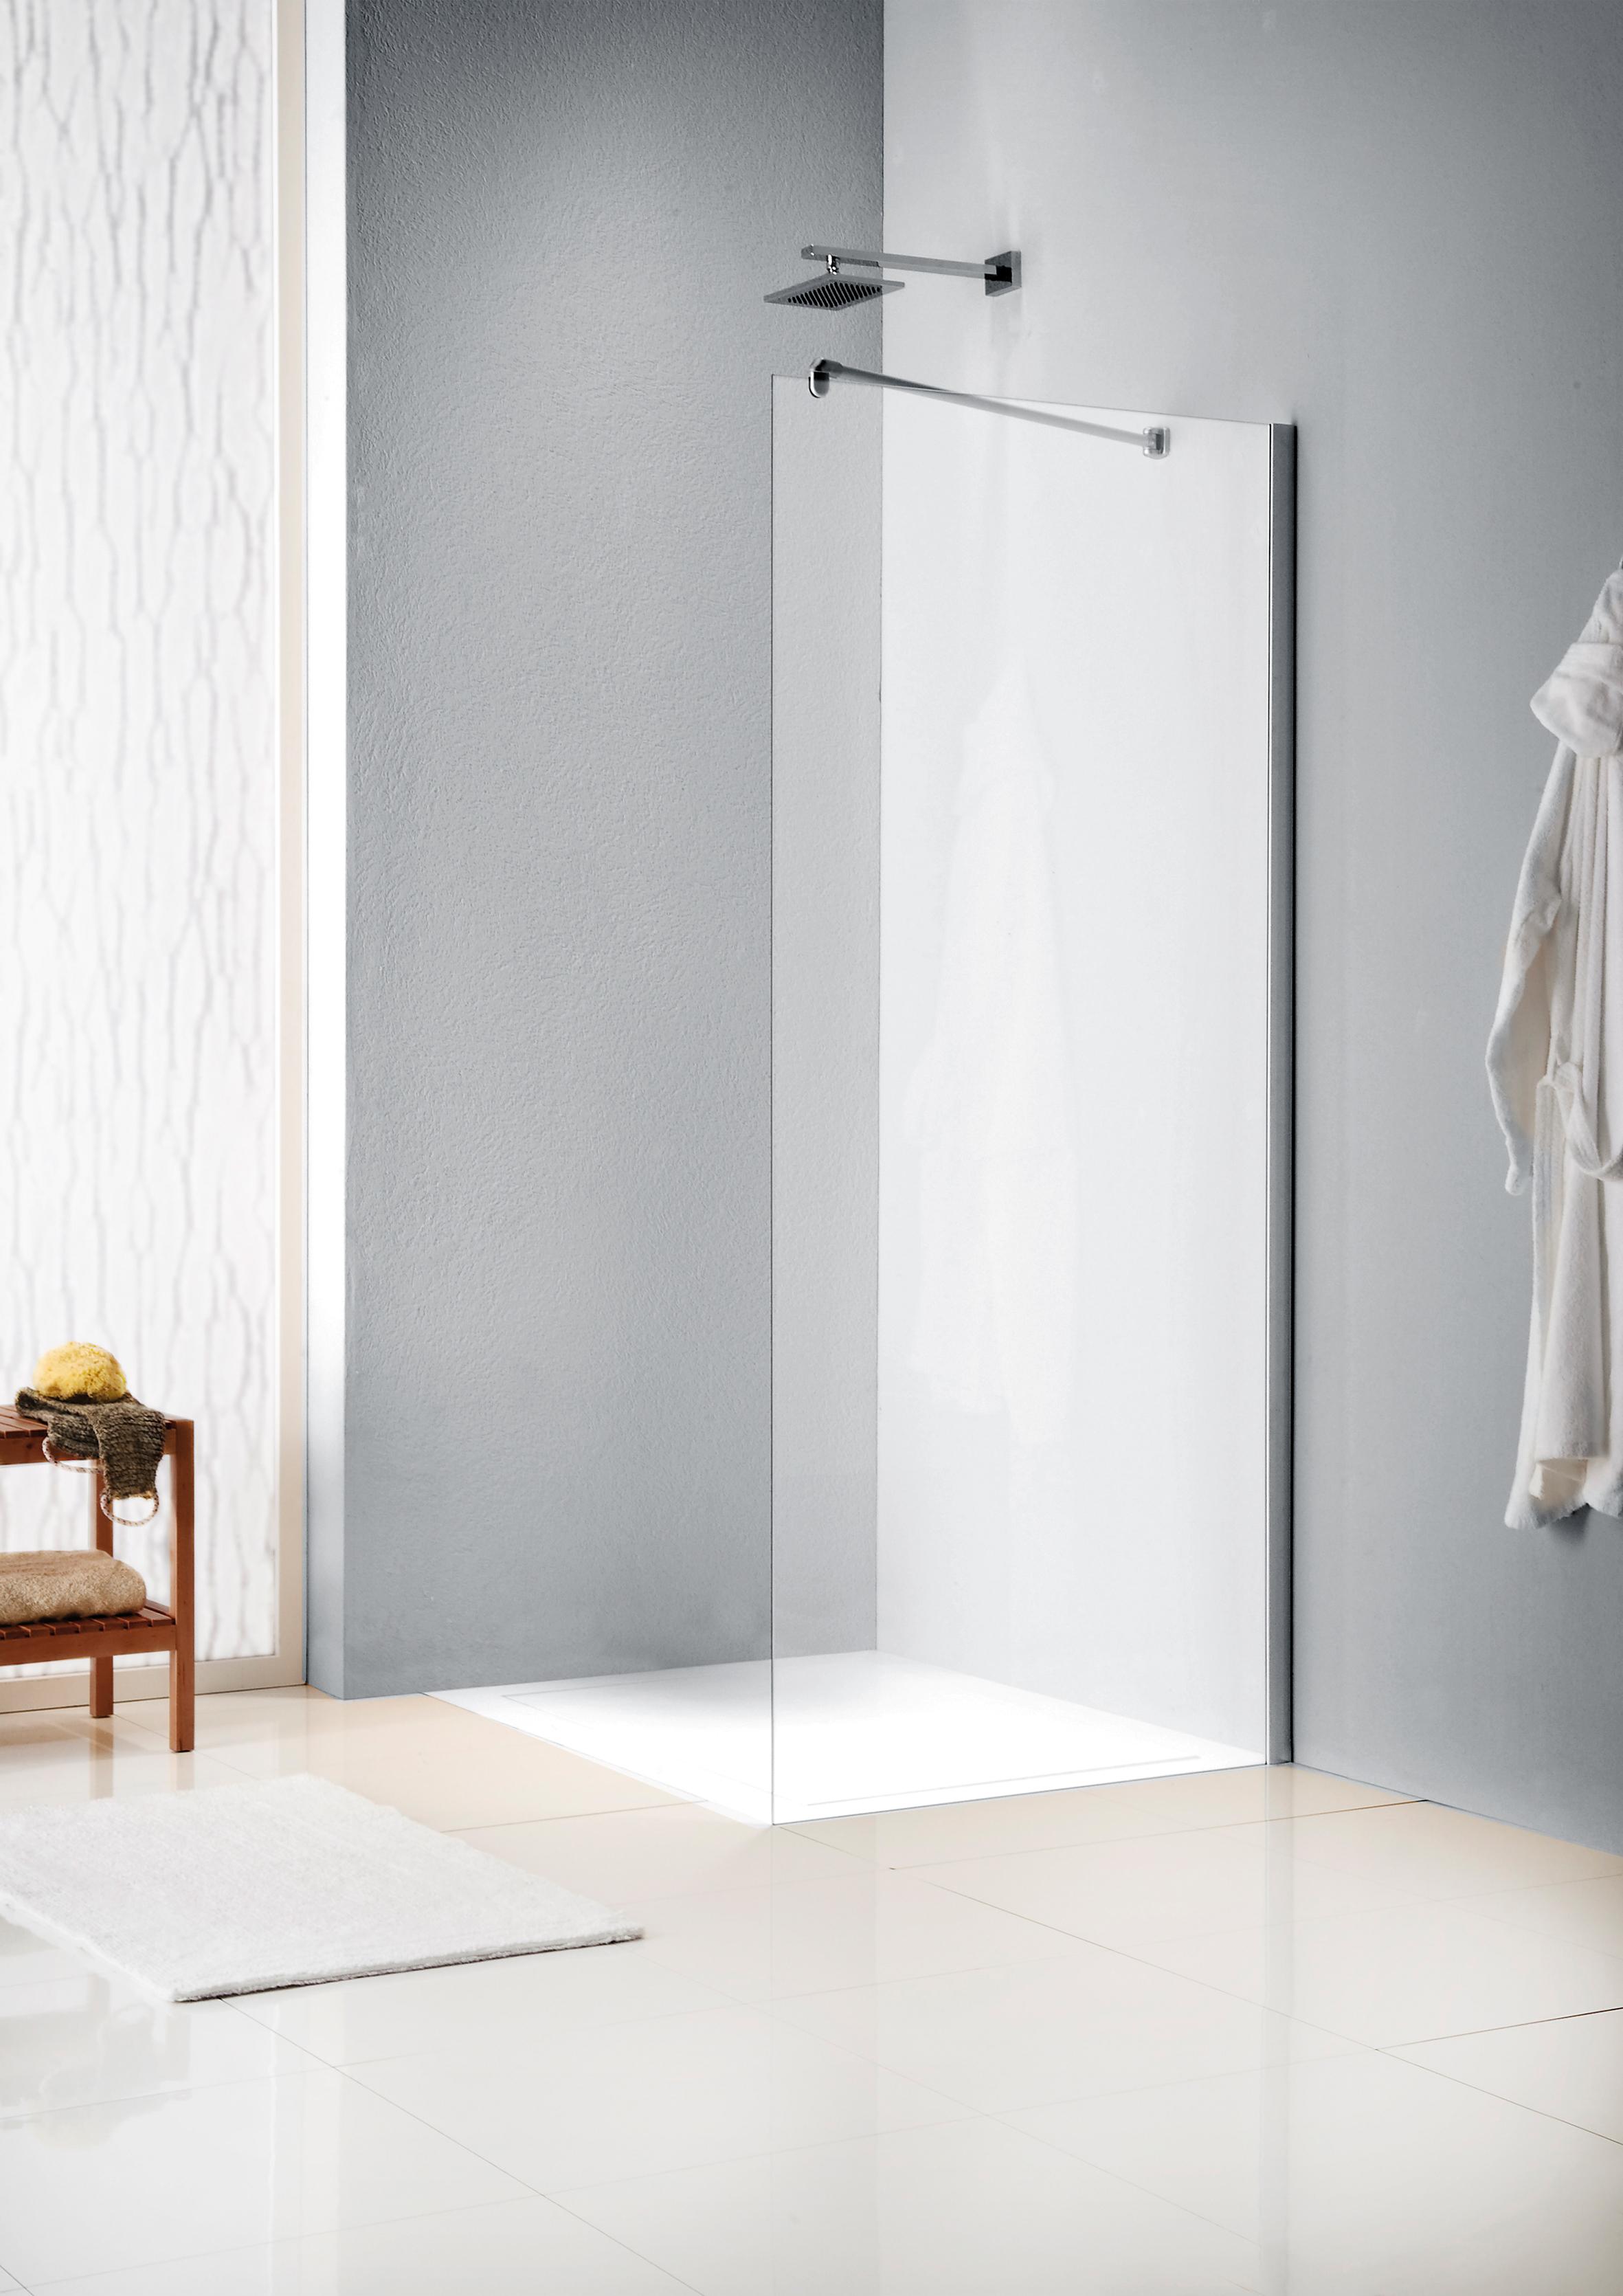 Sealskin Get Wet W205 inloopdouche 80x200cm mat zilver profiel en helder glas met gesatineerde band